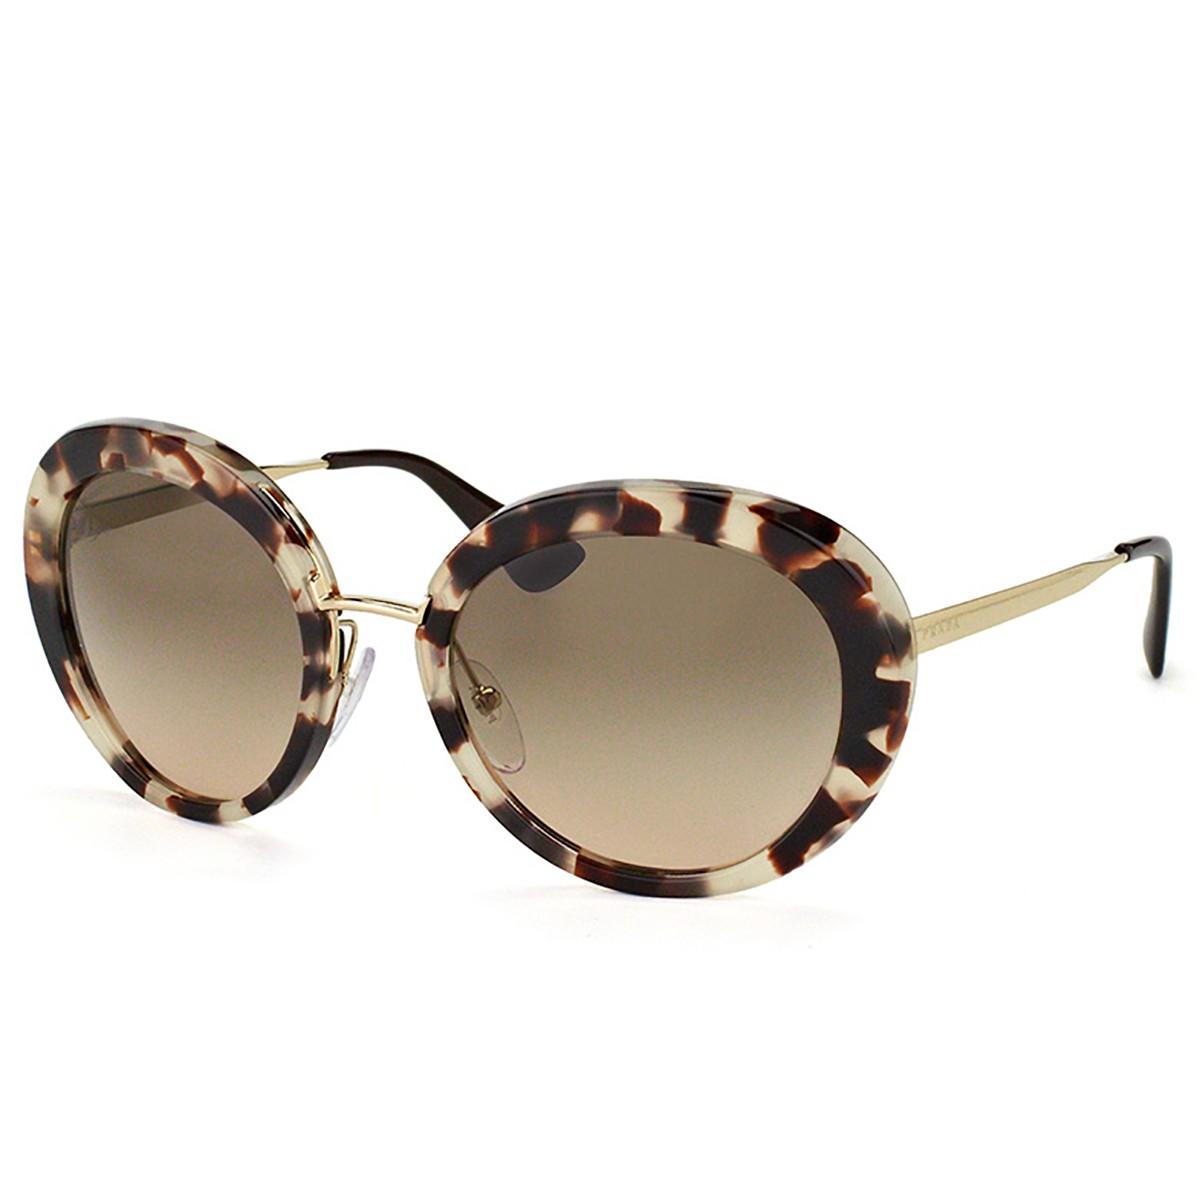 413bbb7d5e7aa Óculos de Sol Prada